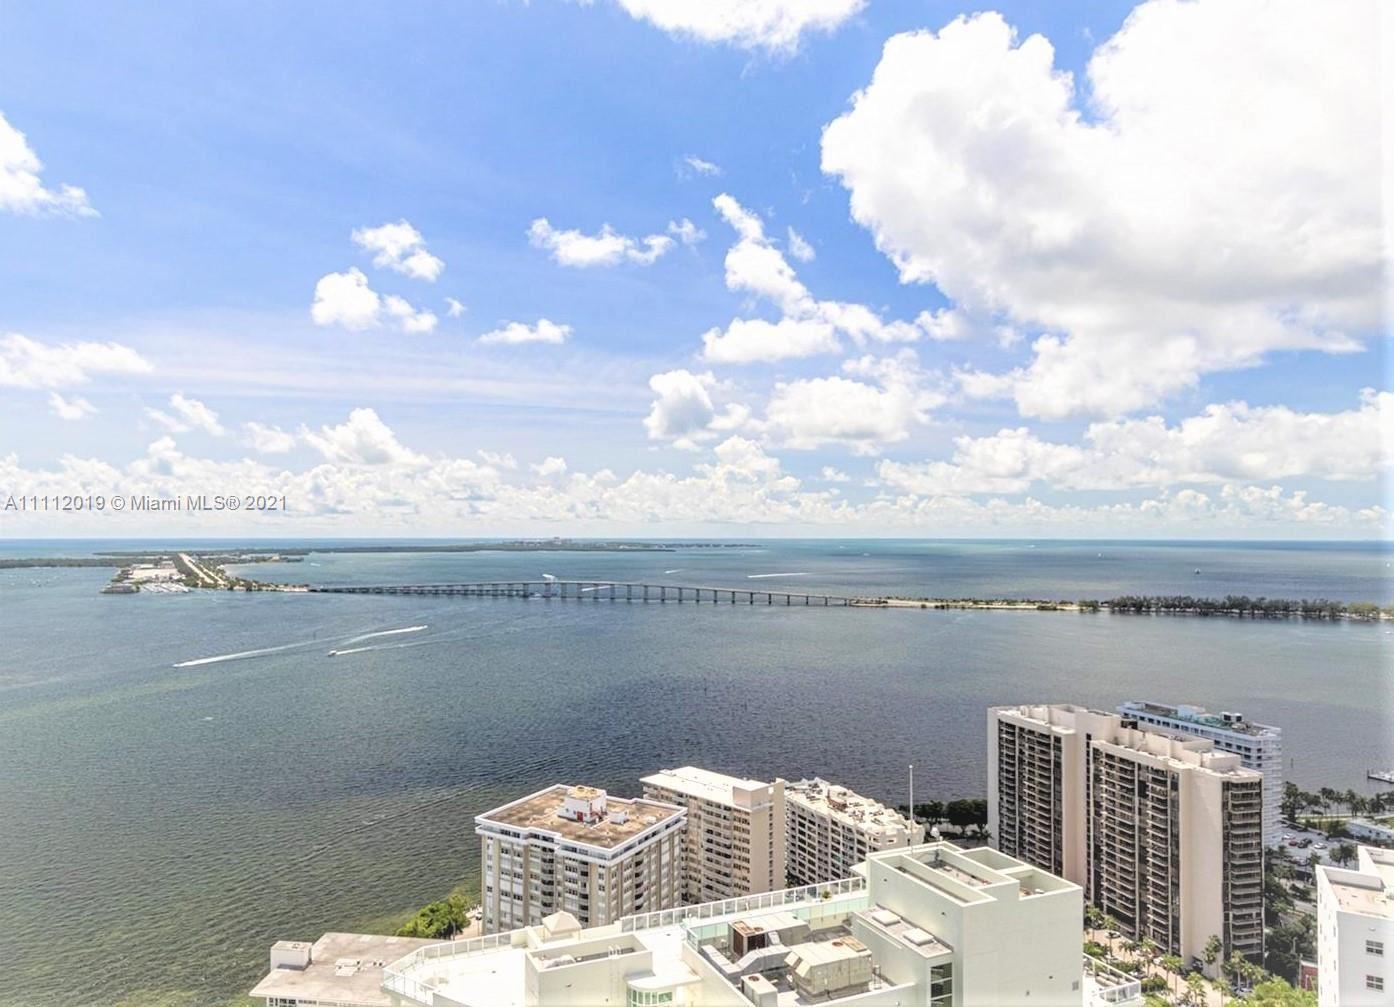 1300 Brickell Bay Dr #3903, Miami, FL 33131 - #: A11112019